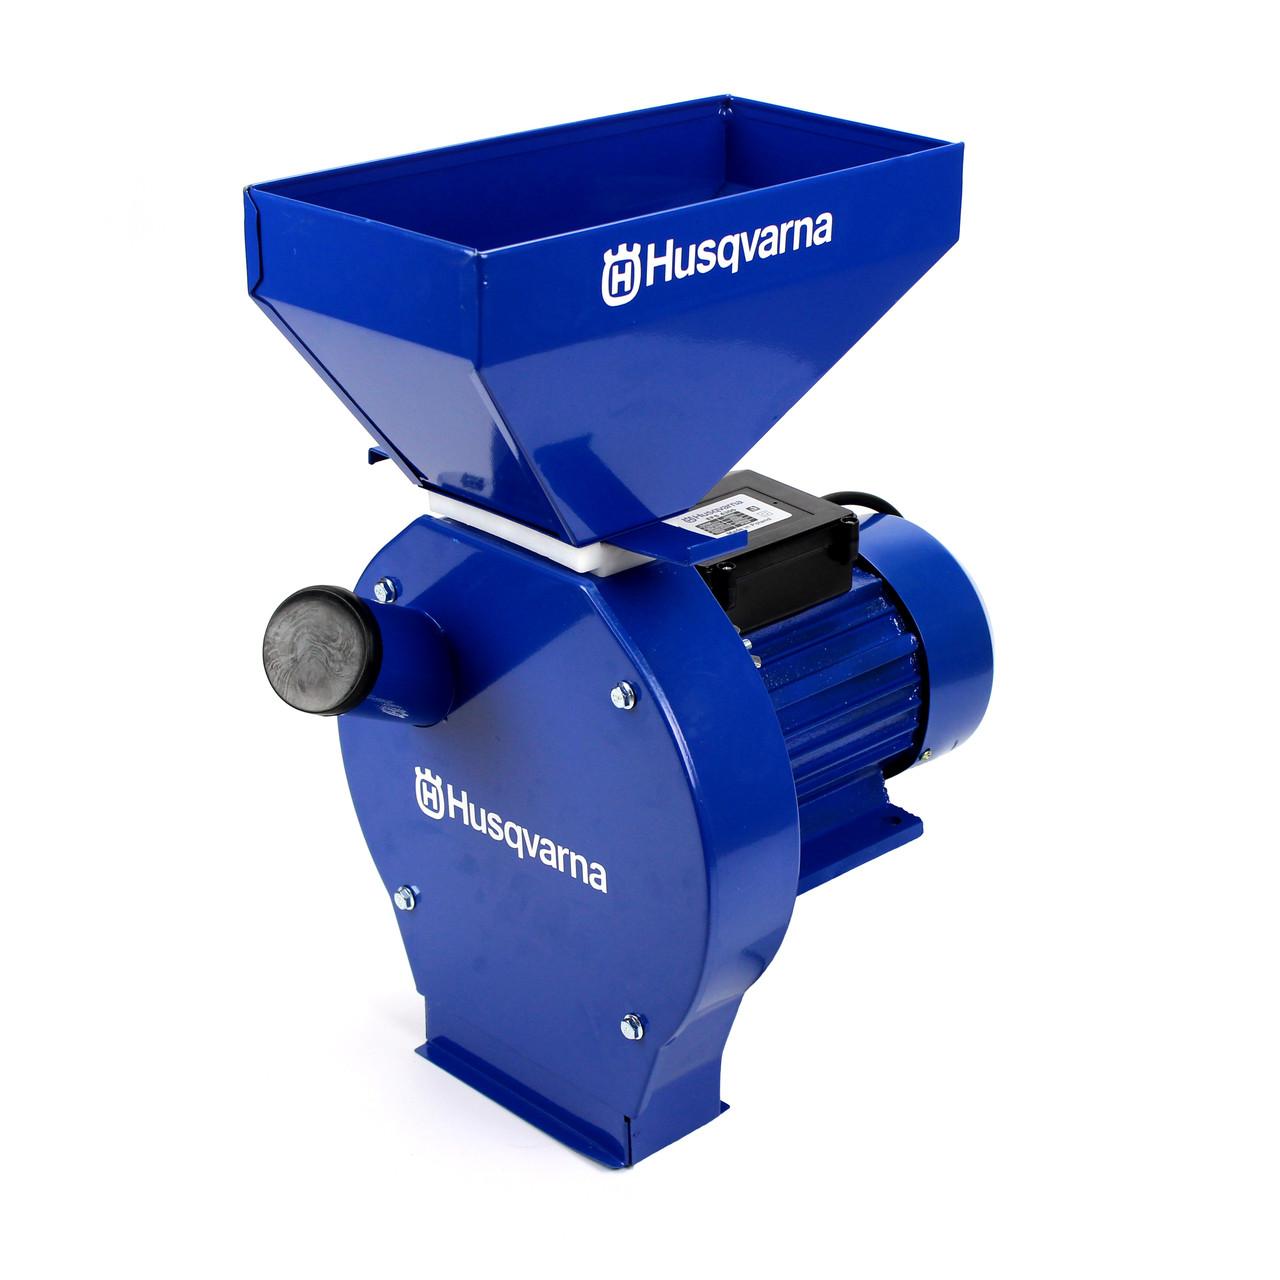 Зернодробарка Huaqvarna EFS 4300 (4.3 кВт, 320 кг/год). Кормоізмельчітель для зерна і качанів кукурудзи